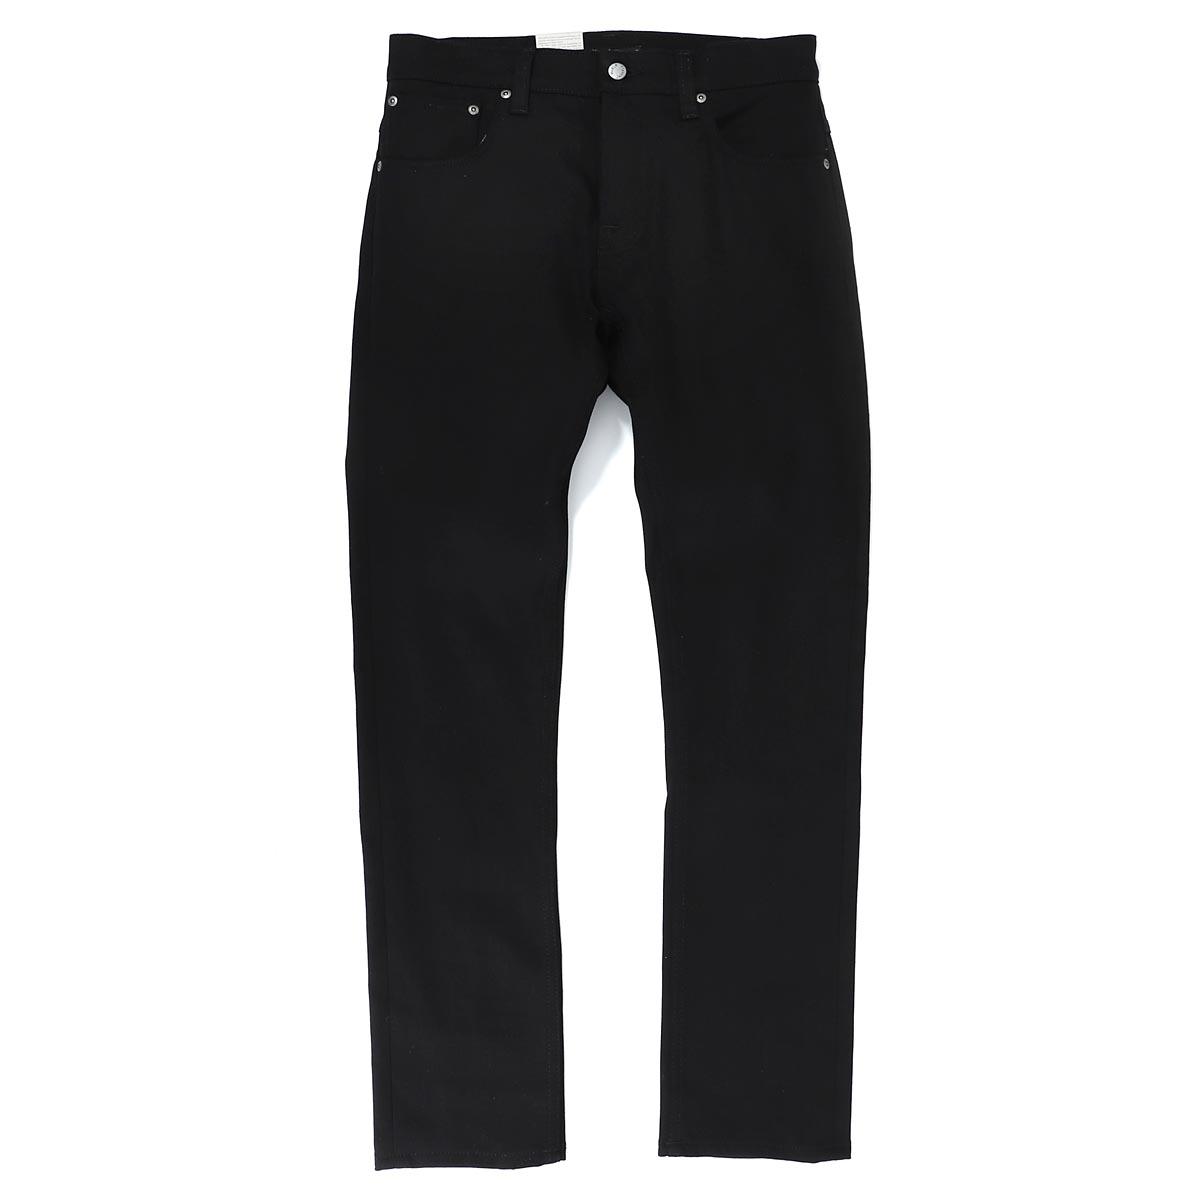 ヌーディージーンズ nudie jeans co ボタンフライジーンズ ブラック メンズ 大きいサイズあり grim tim 113033 GRIM TIM グリムティム レングス32【あす楽対応_関東】【返品送料無料】【ラッピング無料】